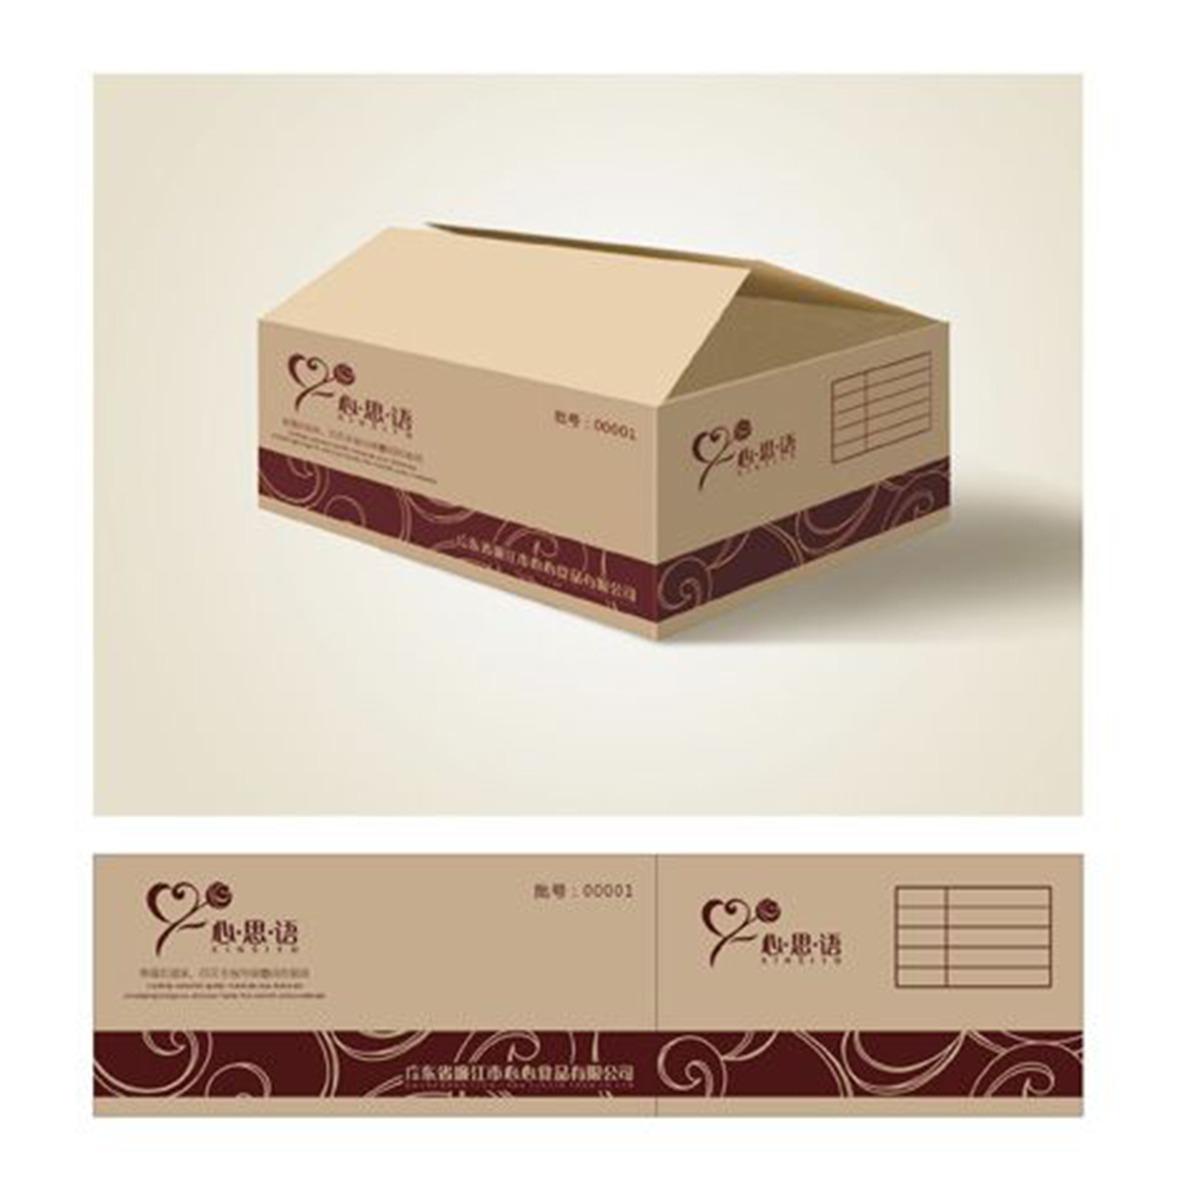 包装箱设计运输包装箱设计销售包装箱设计